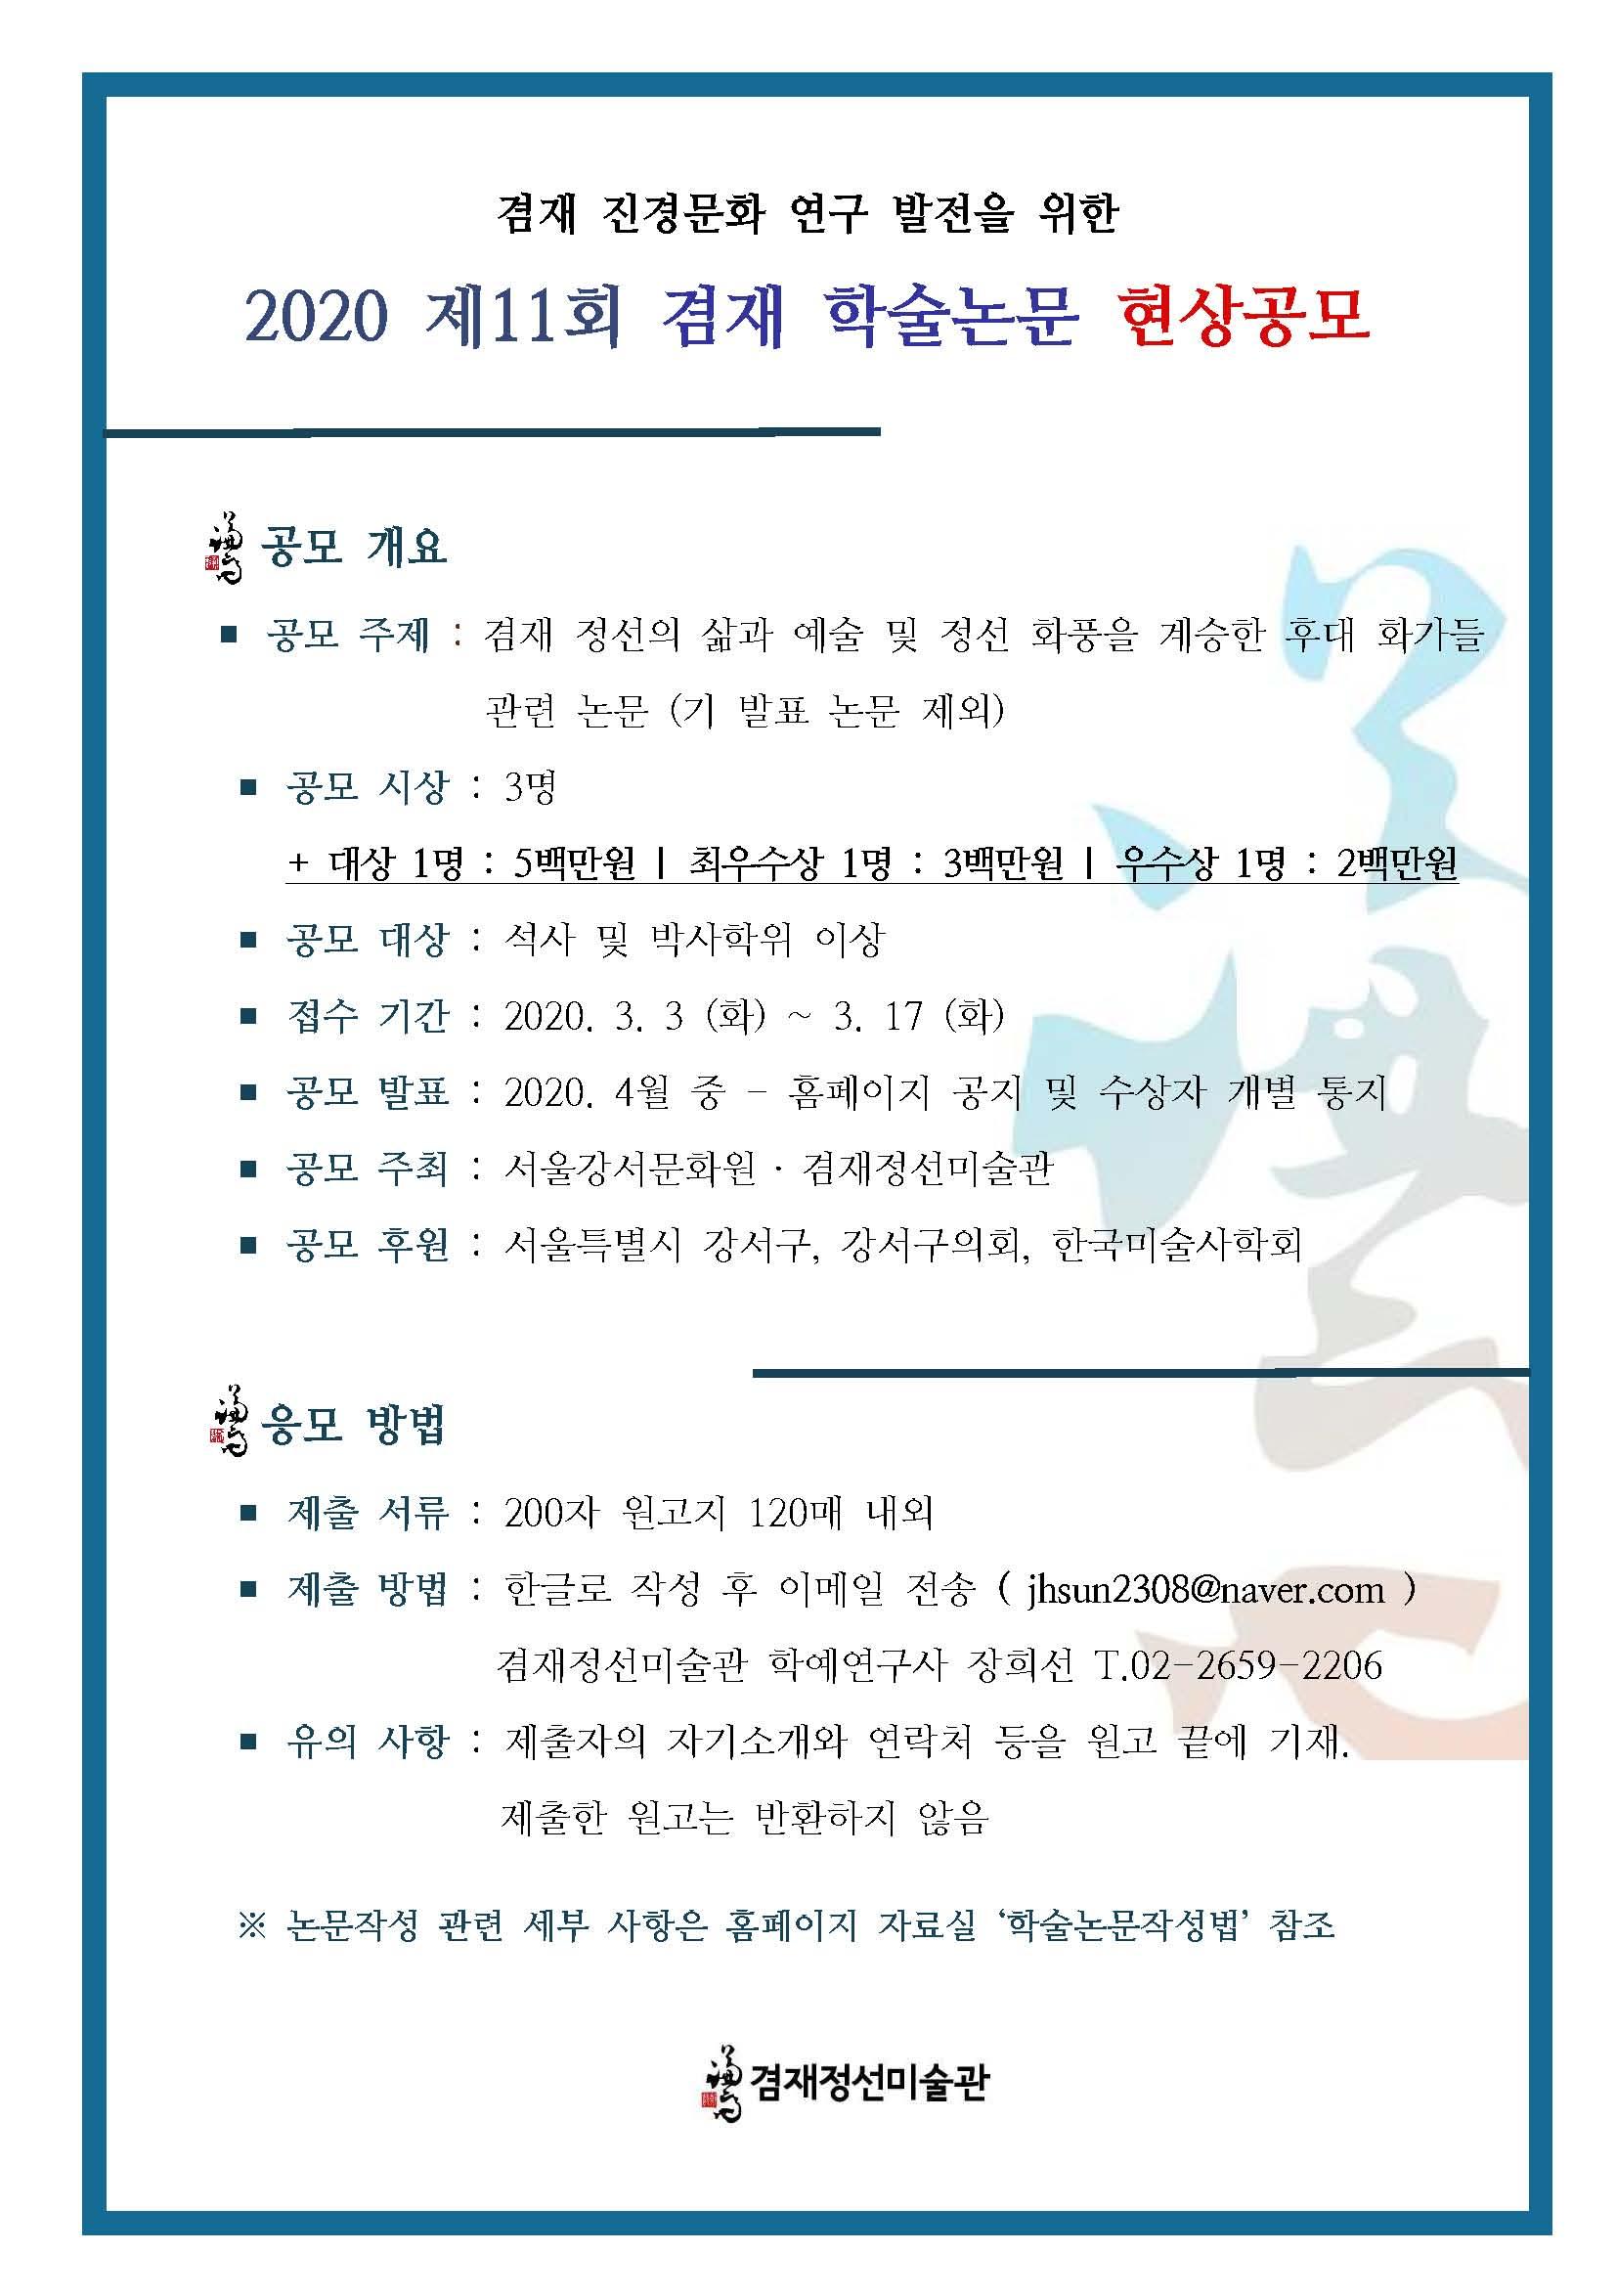 [공모] 2020 제11회 겸재 학술논문 현상공모 안내(접수기간 2020..